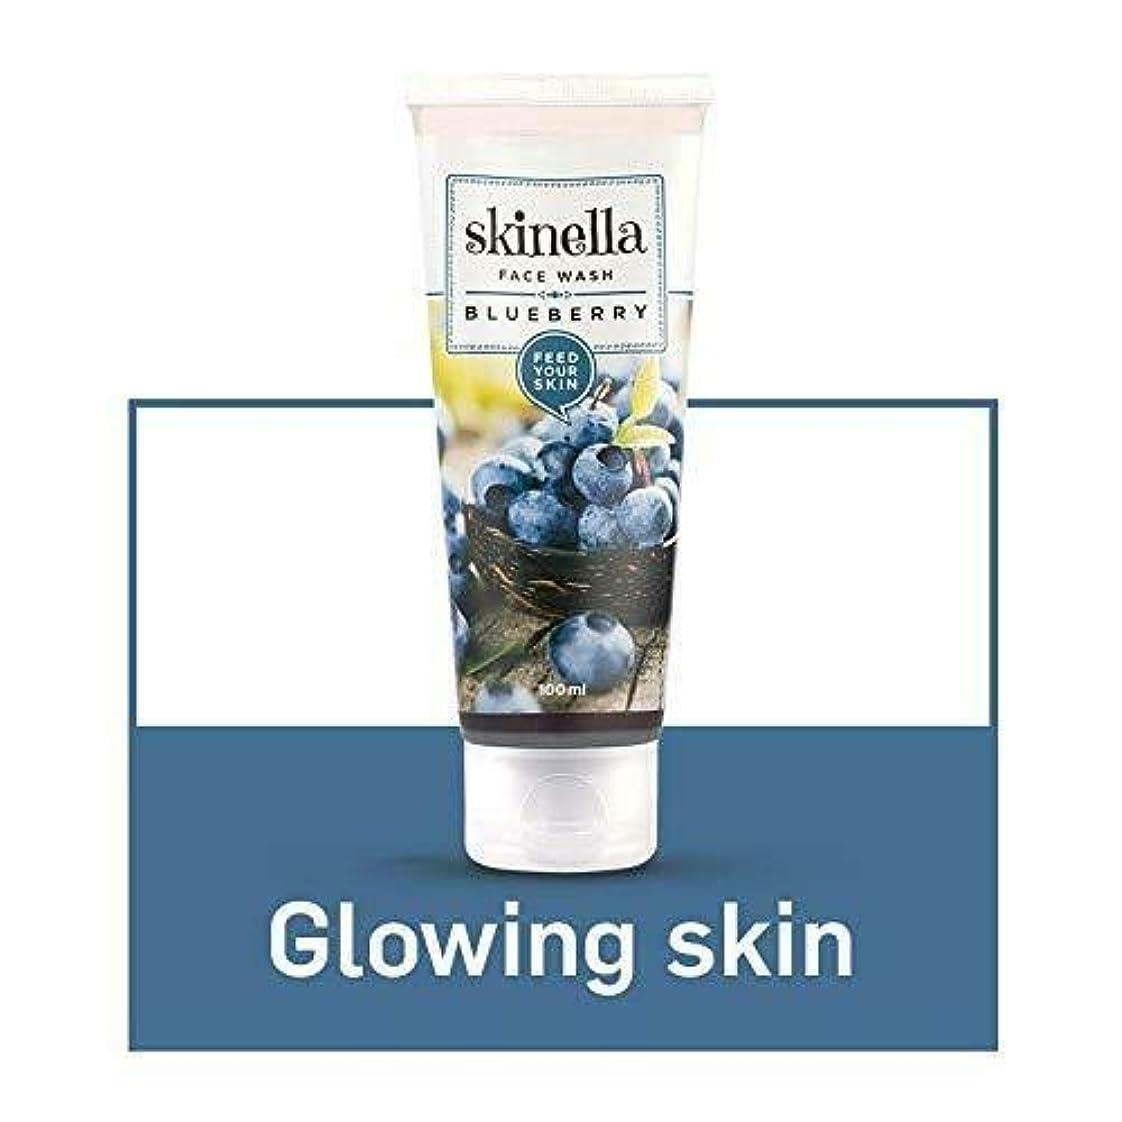 アフリカ人漁師風味Skinella Blueberry Face Wash 100ml blueberry extracts & olive oil Cleanses Skin Skinellaブルーベリーフェイスウォッシュ ブルーベリーエキス...